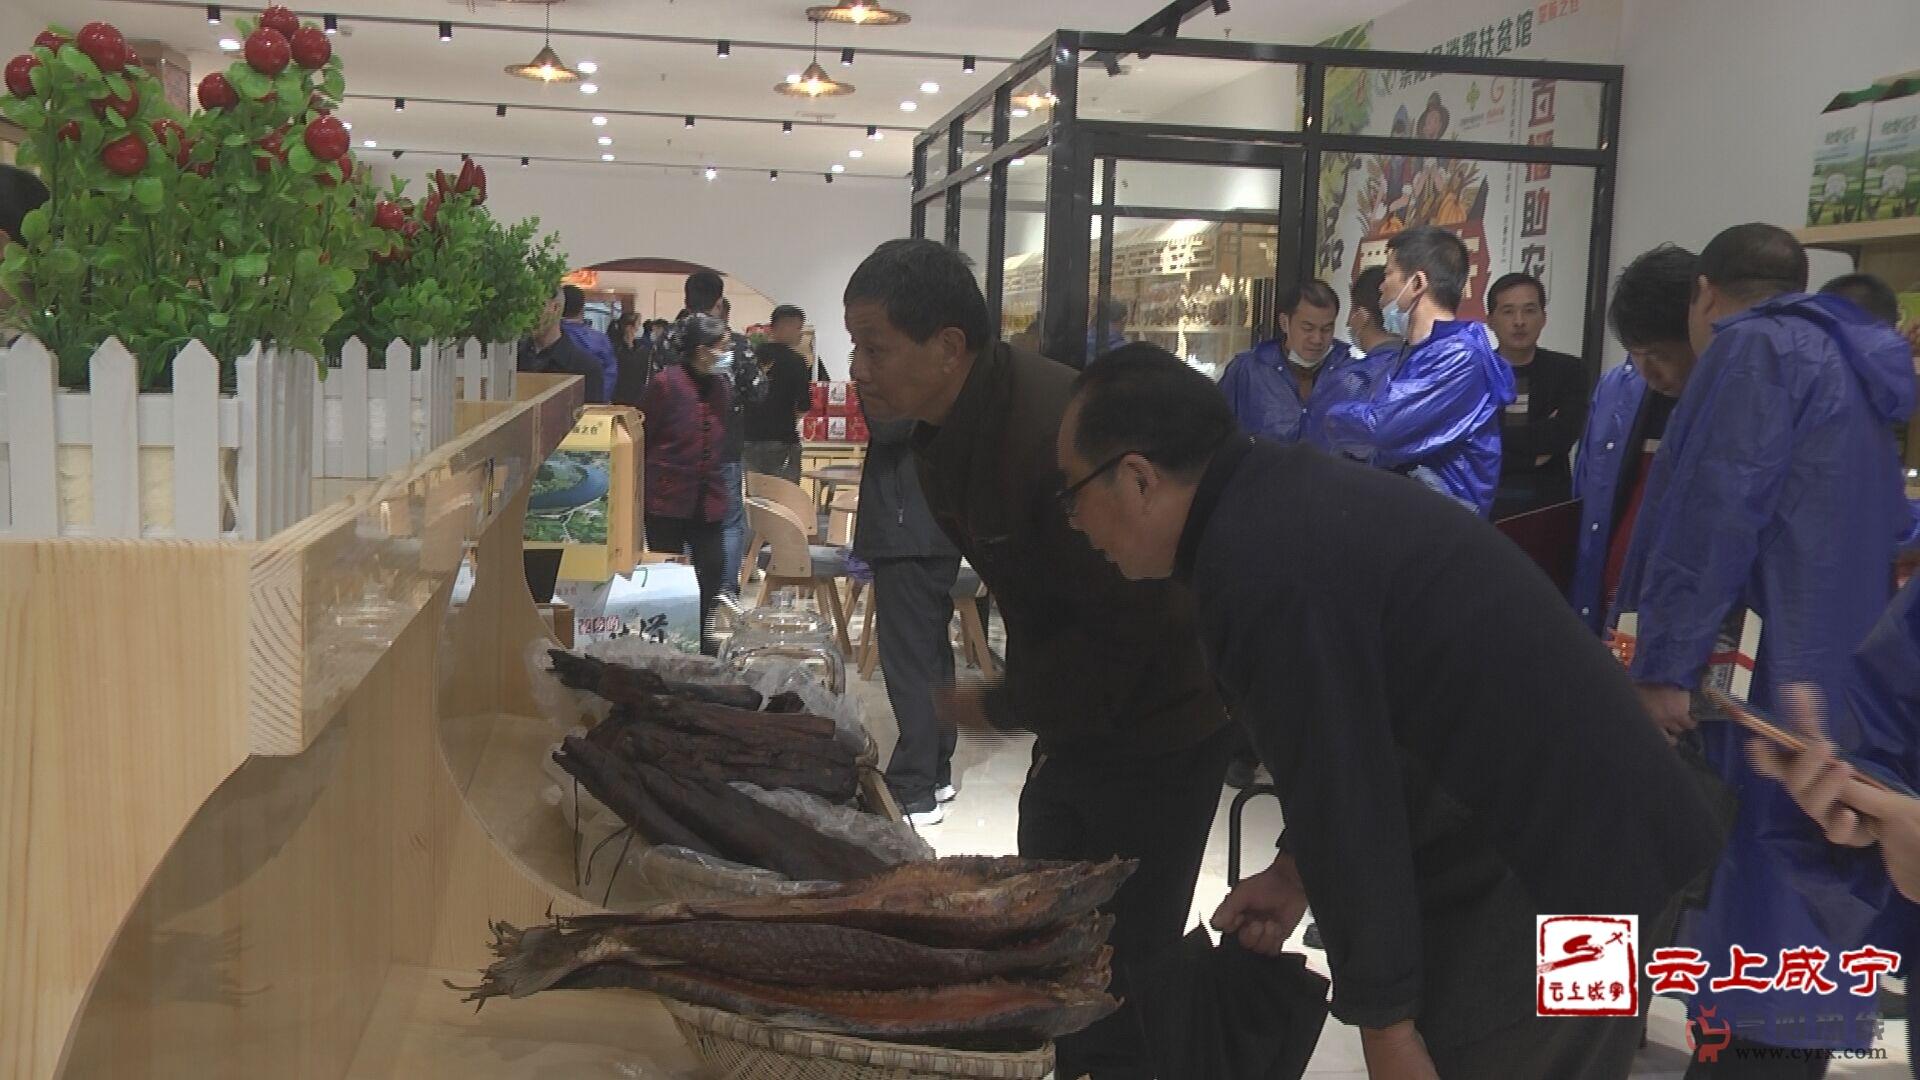 崇阳消费扶贫馆开馆,大量优质农产品集中亮相